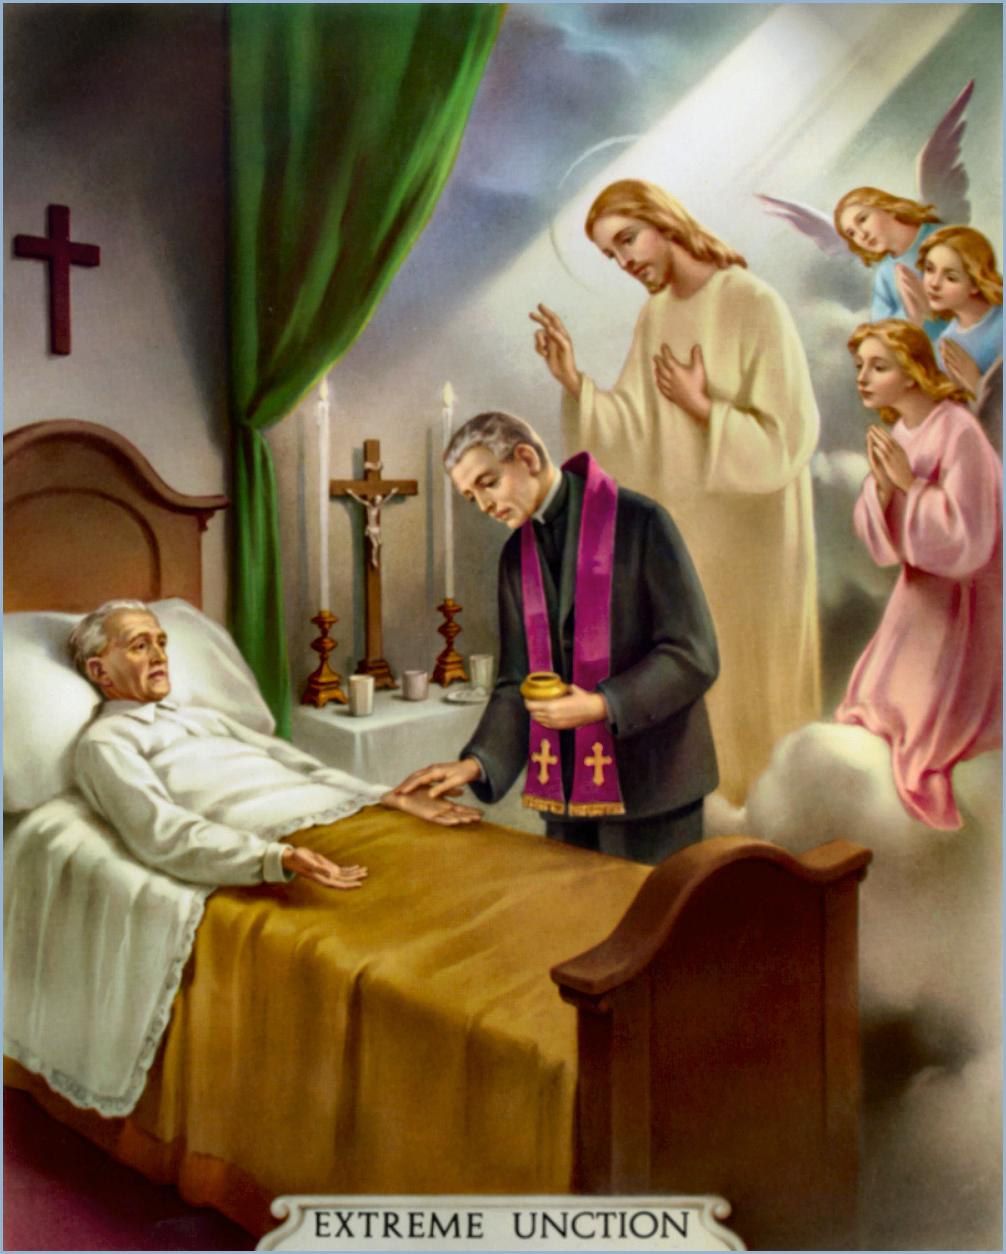 sacrament7 - The Beauty of the Roman Catholic Faith - Photos Unlimited